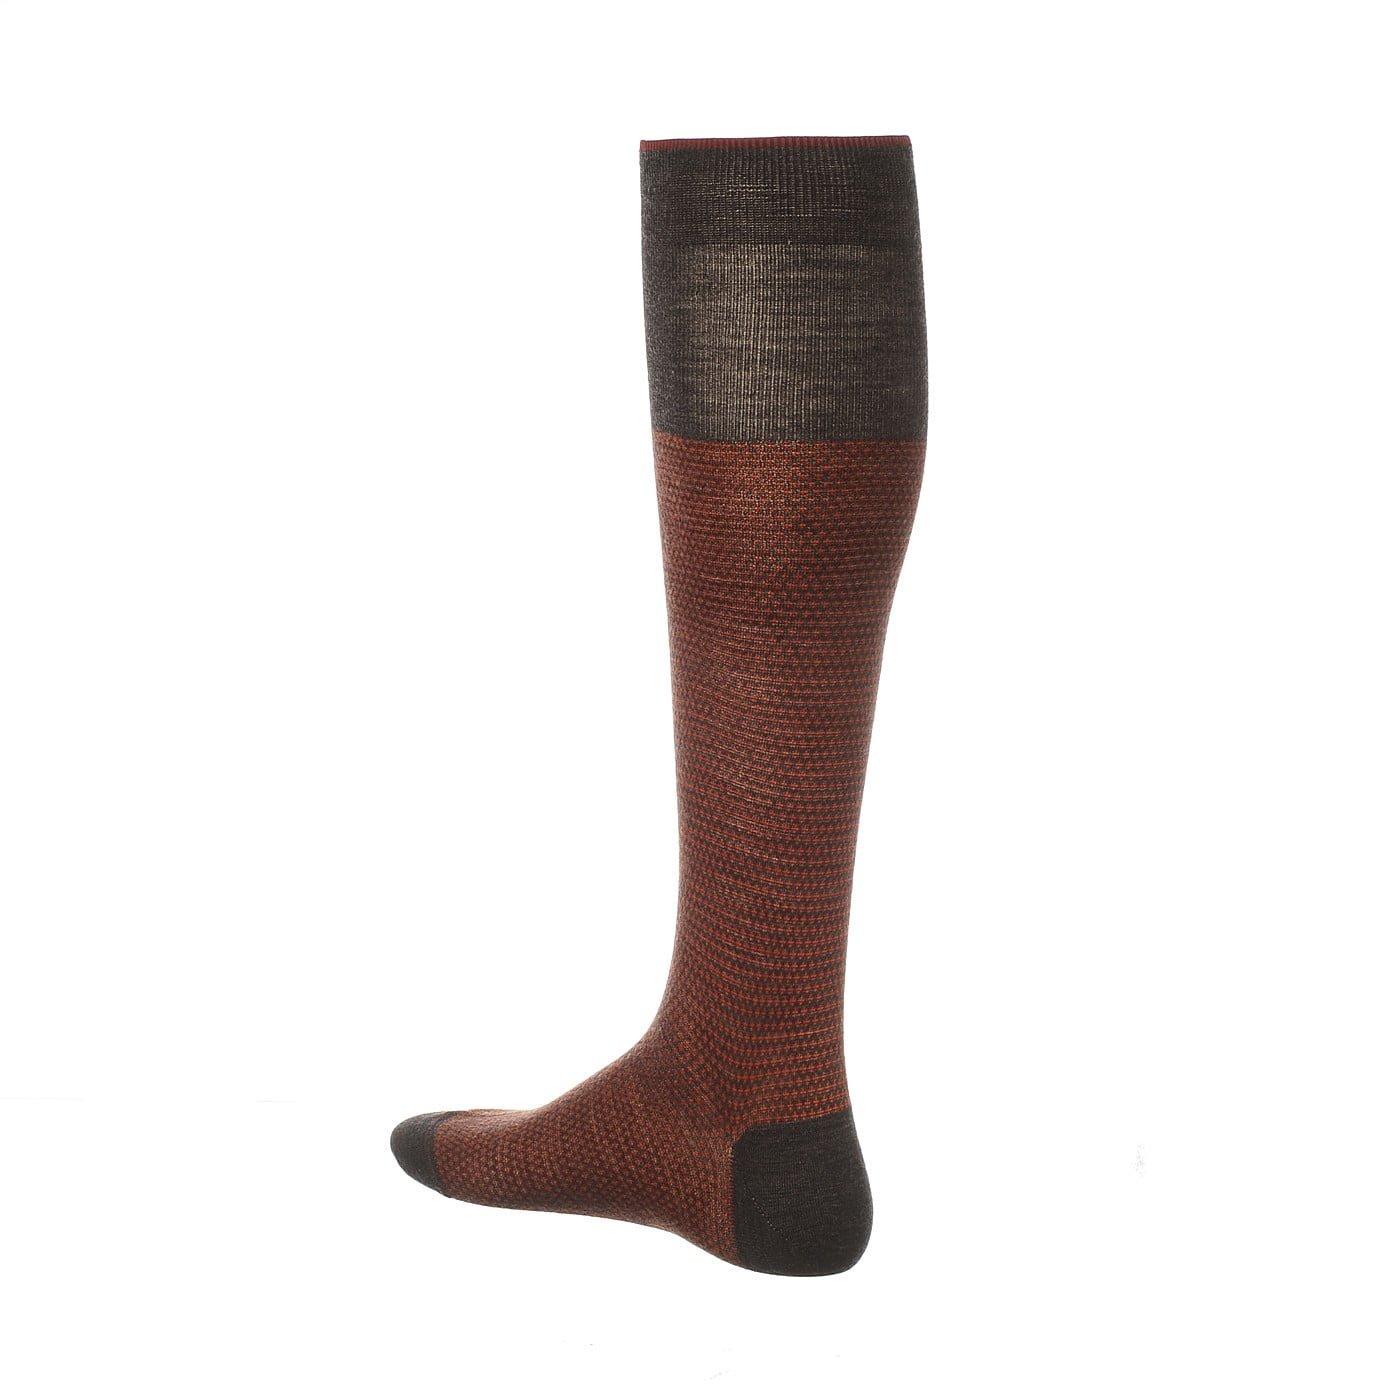 Calze Gallo maglia rasata retro